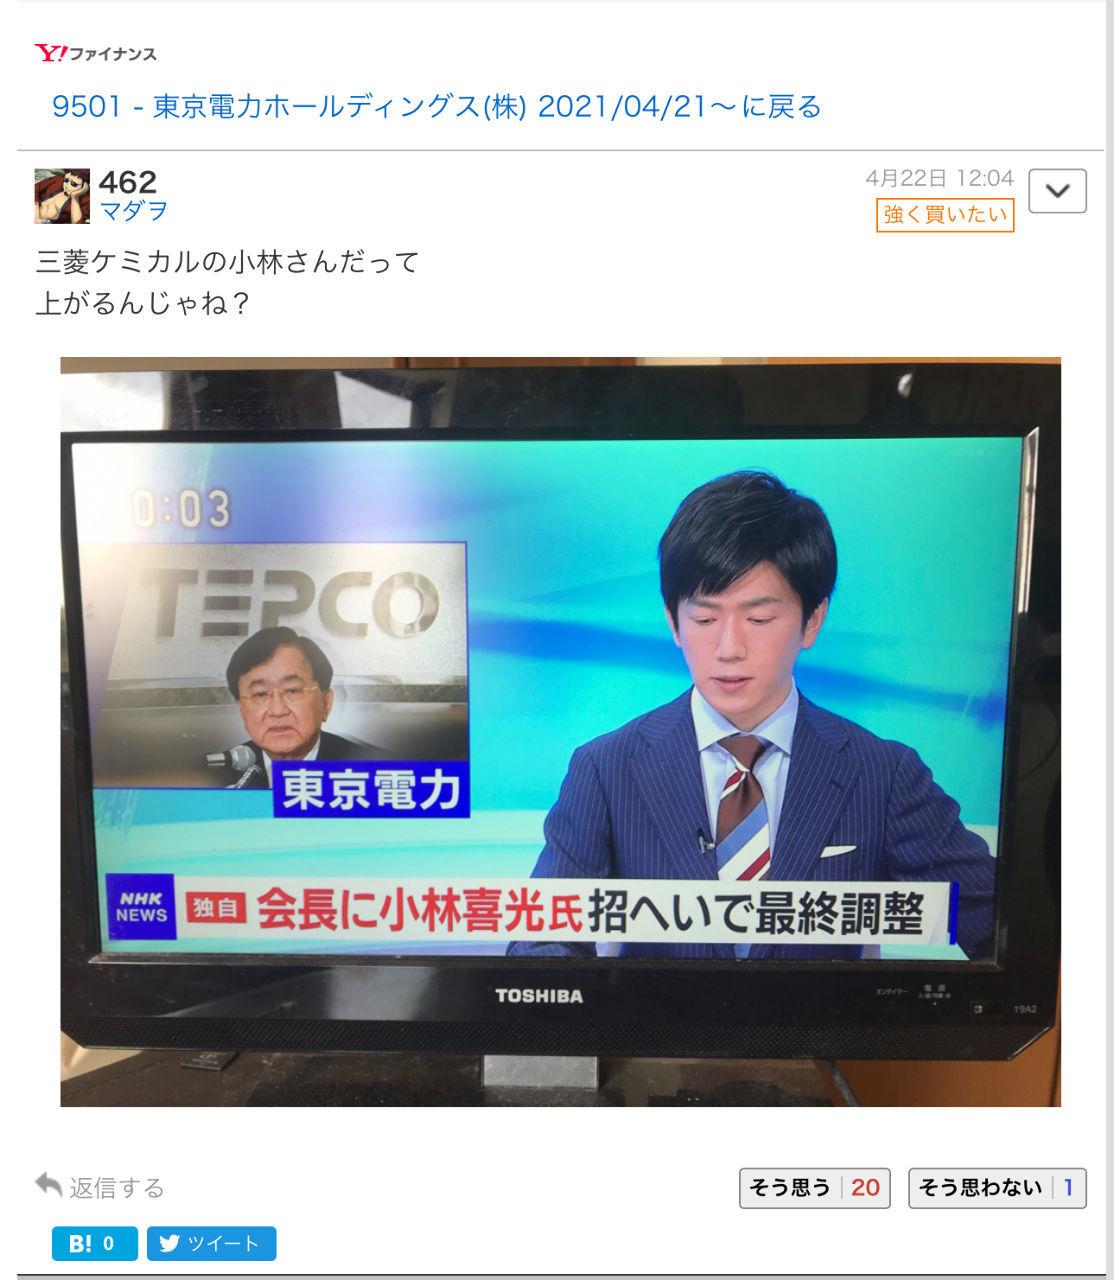 くるみぱん3 電力  三菱ケミカルホールディングスの小林喜光会長